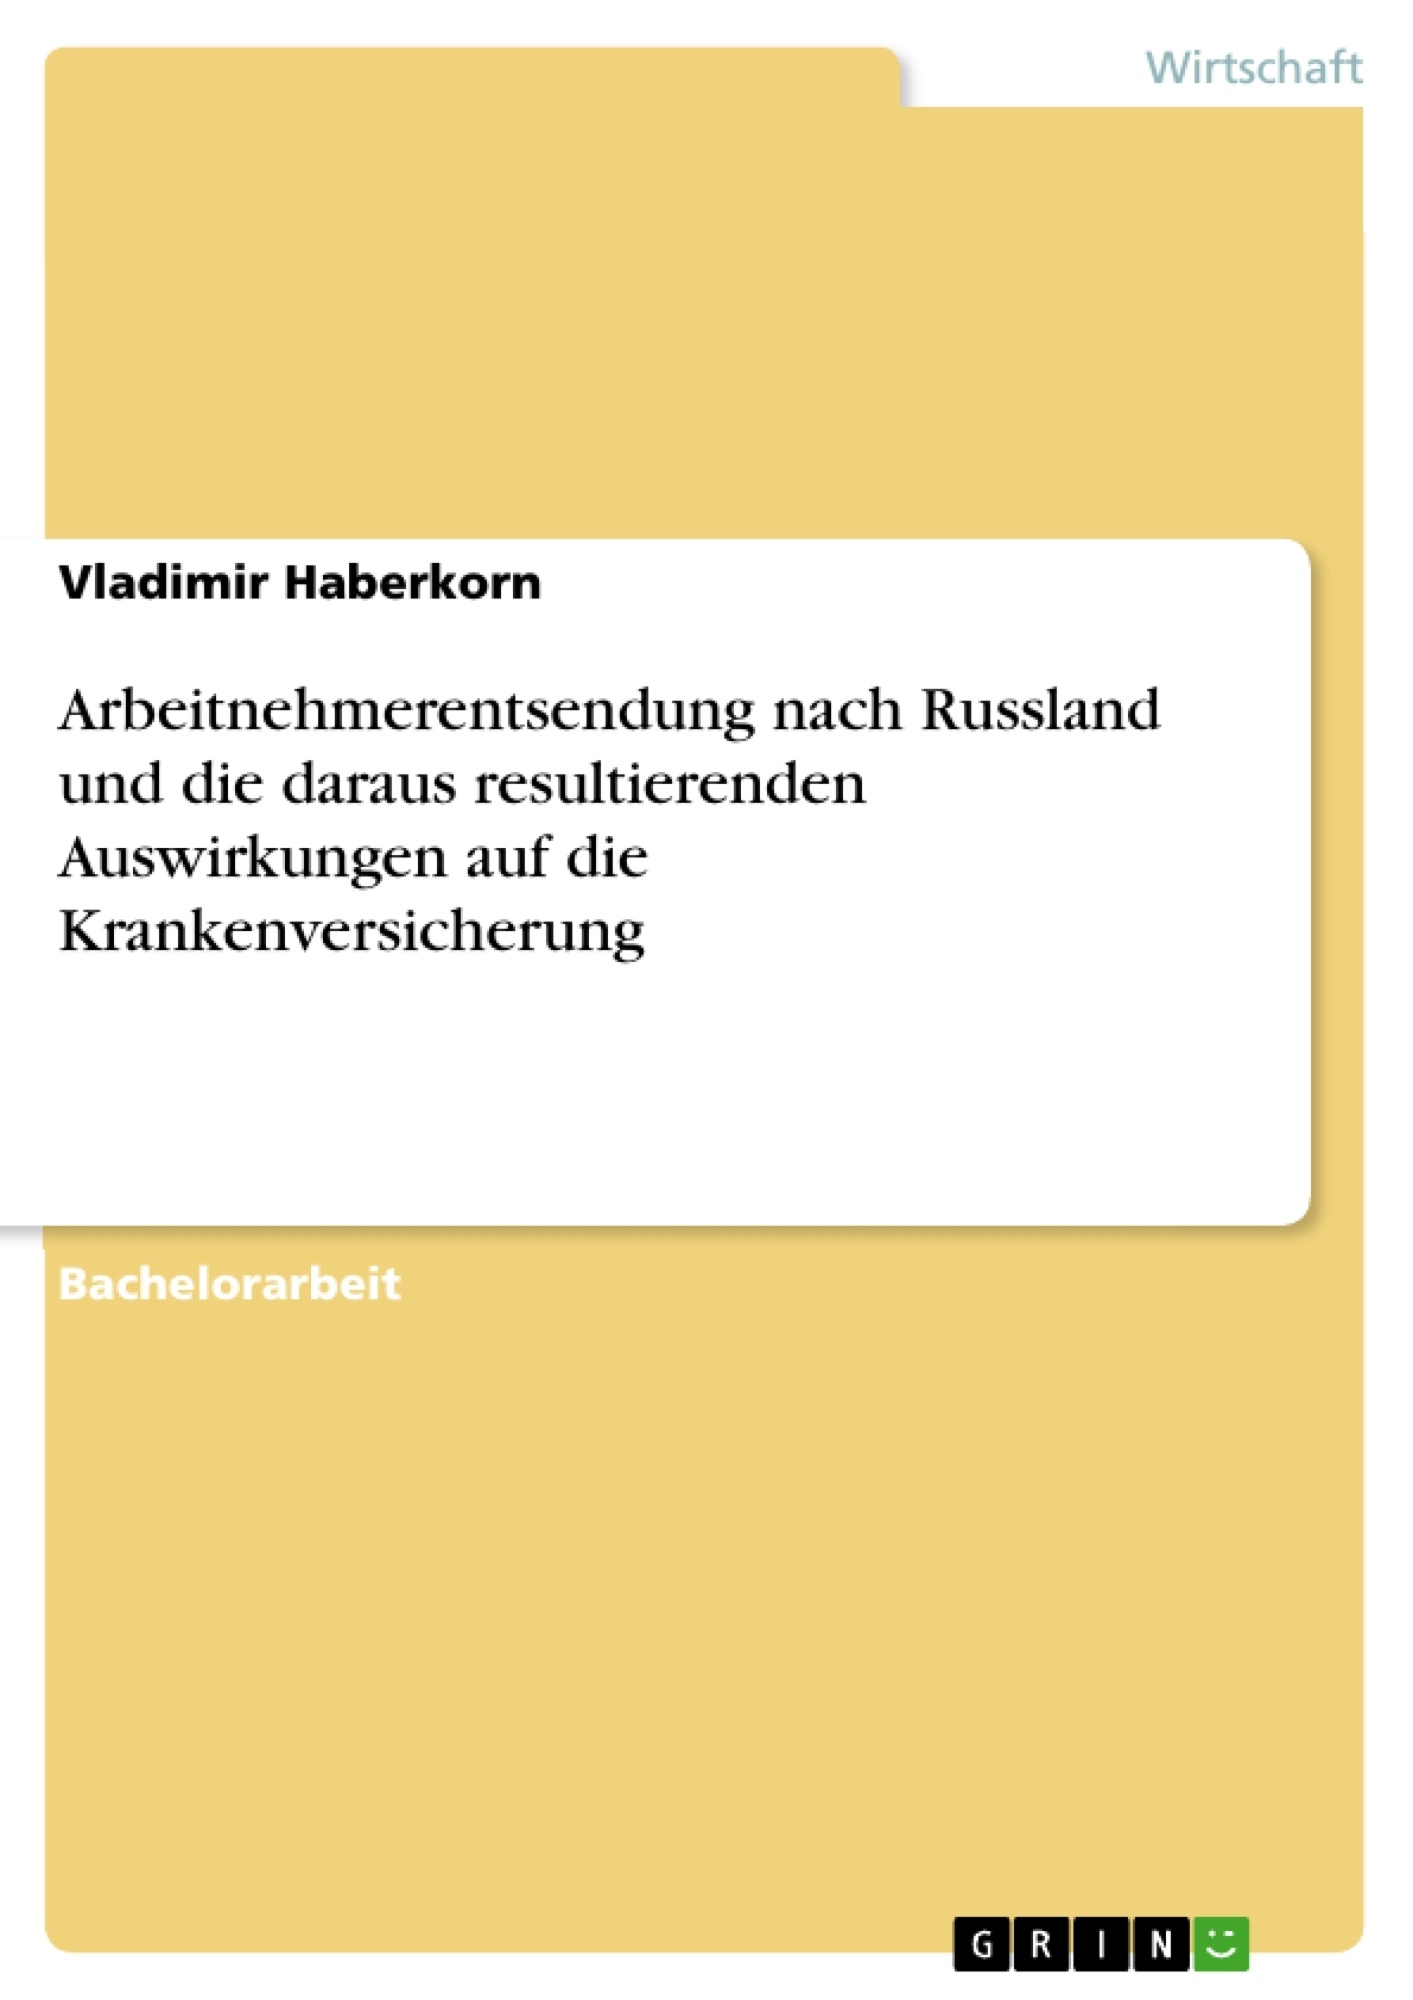 Titel: Arbeitnehmerentsendung nach Russland und die daraus resultierenden Auswirkungen auf die Krankenversicherung